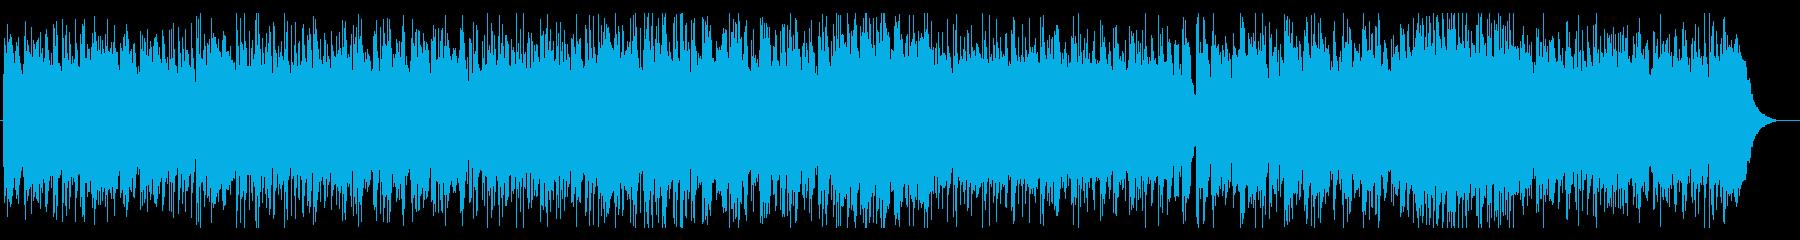 ハード系ロックな「きらきら星」の再生済みの波形